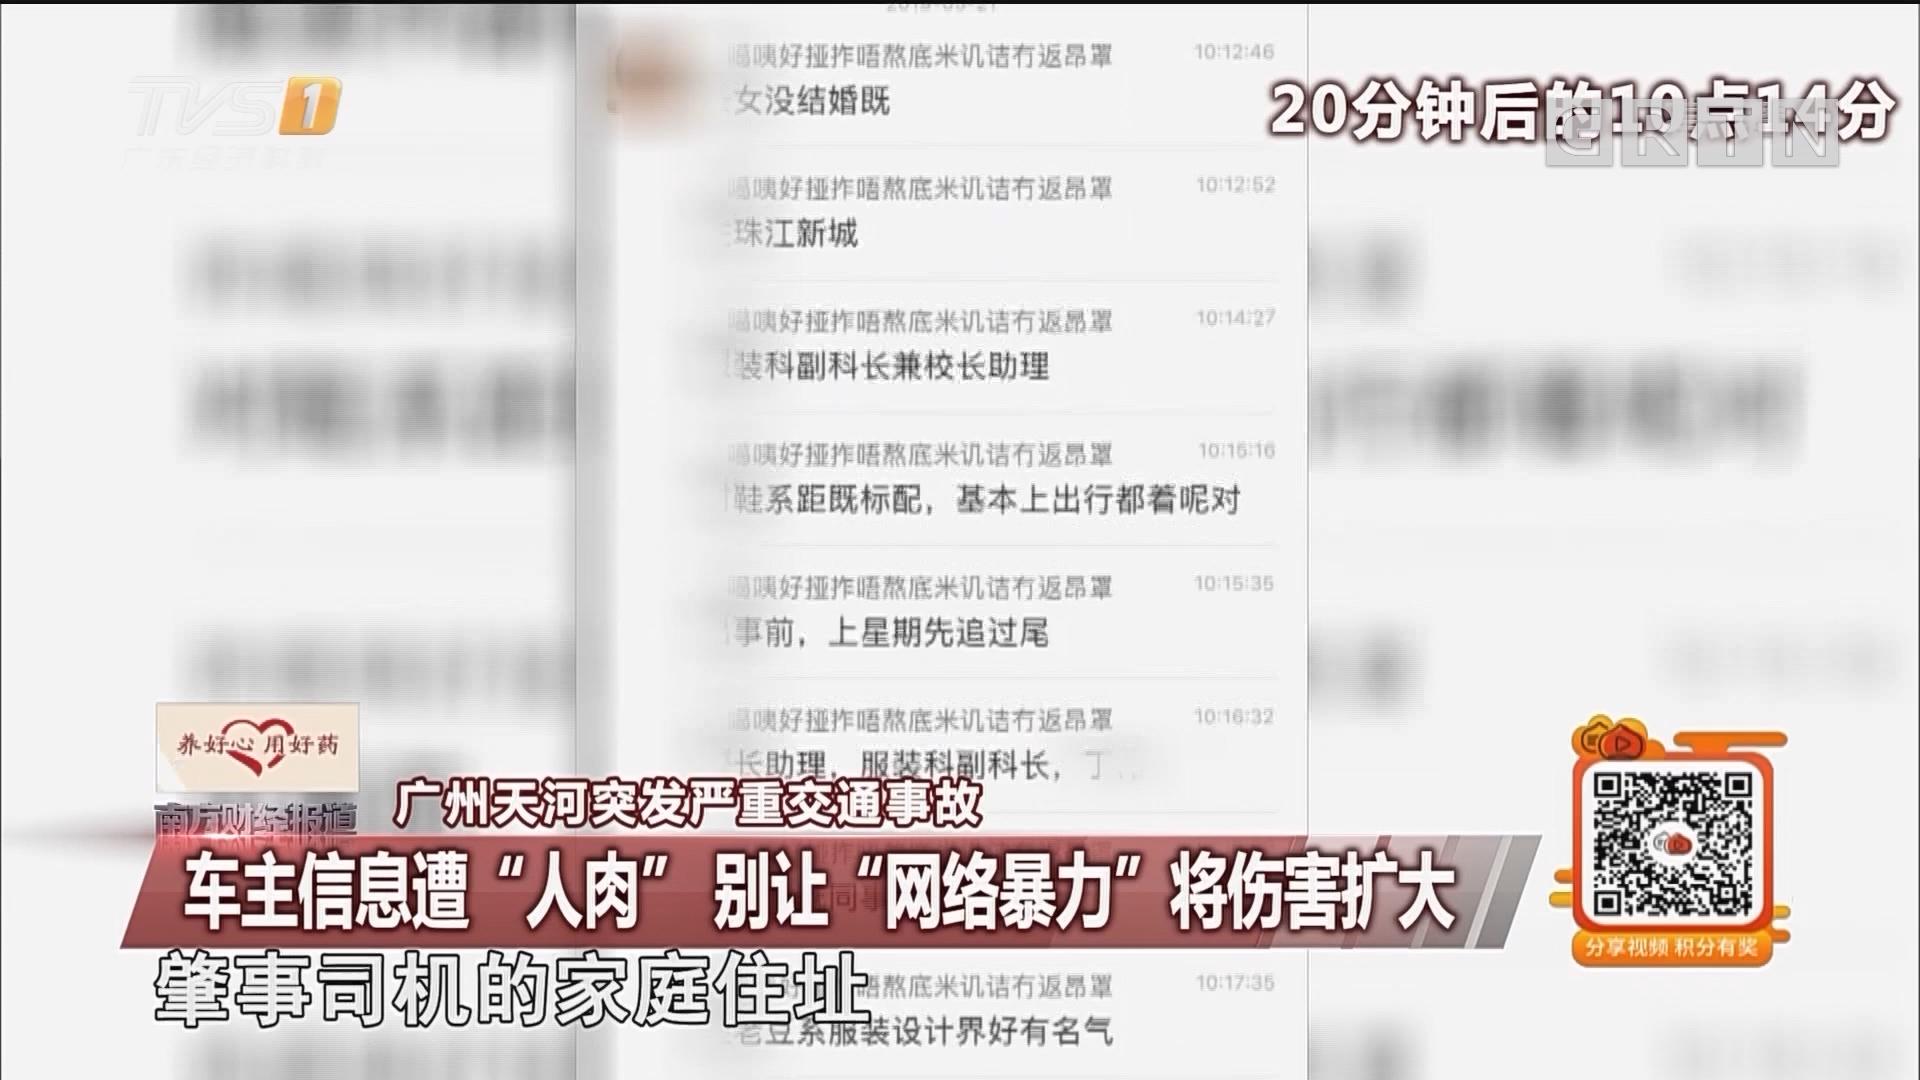 """广州天河突发严重交通事故:车主信息遭""""人肉"""" 别让""""网络暴力""""将伤害扩大"""